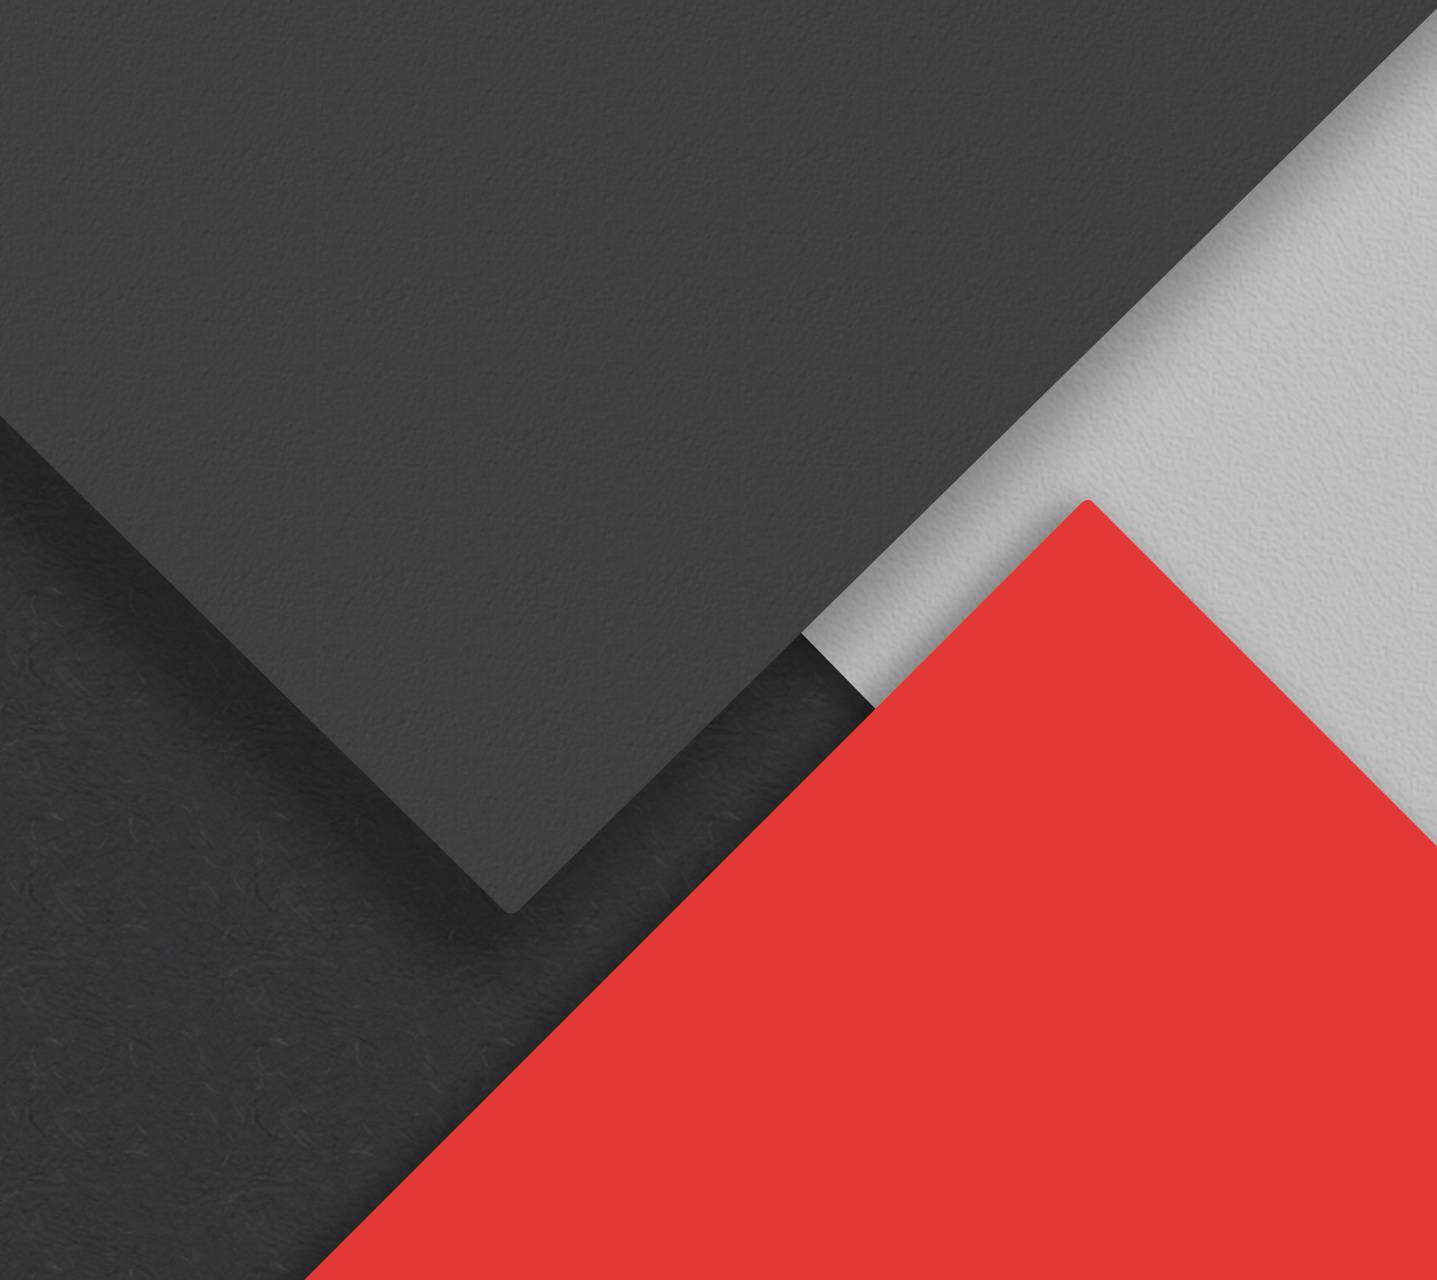 عکس زمینه بافت قرمز خاکستری پس زمینه